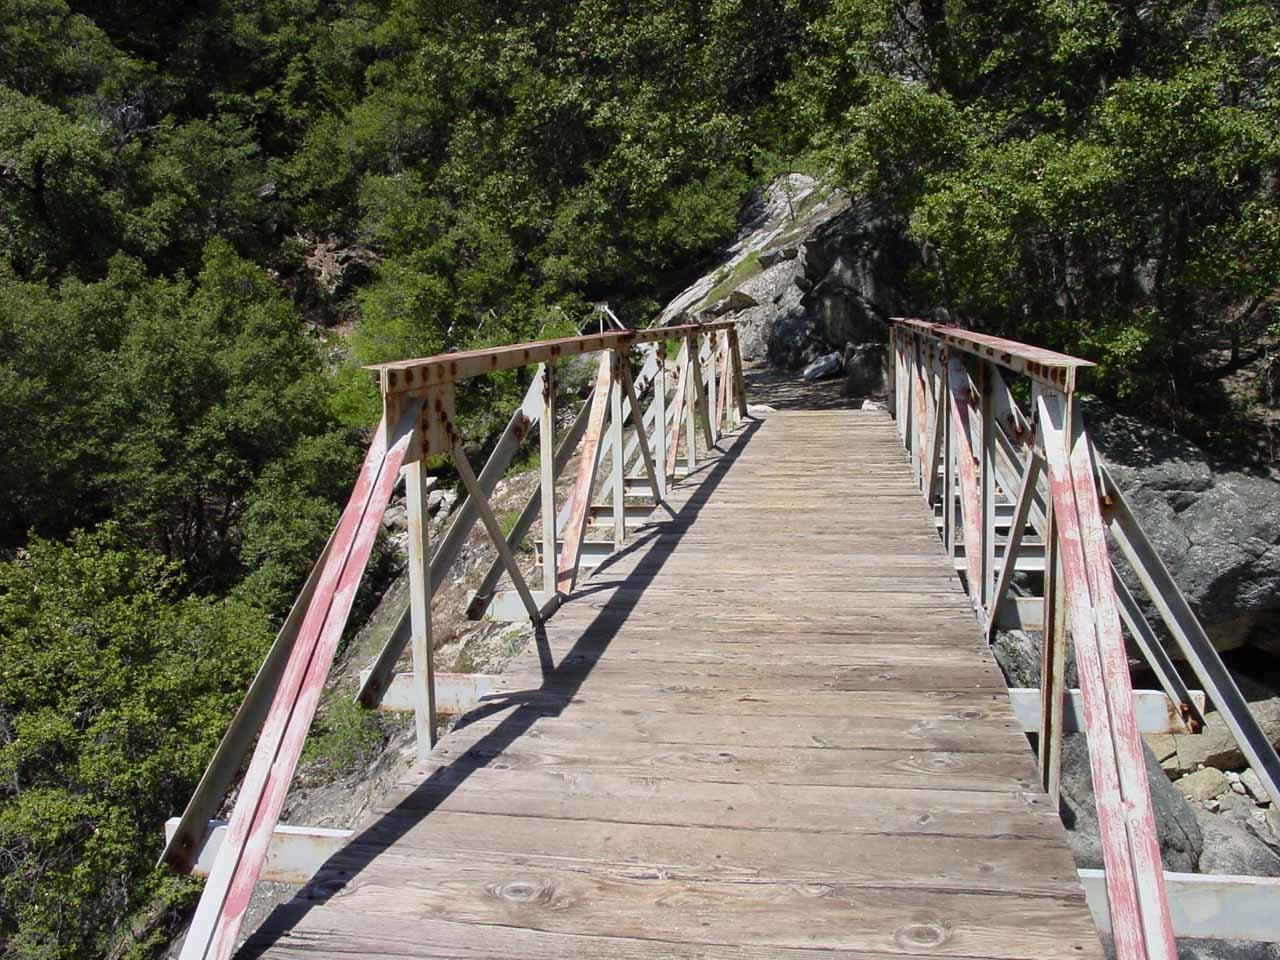 Crossing over the footbridges traversing Tilltill Creek